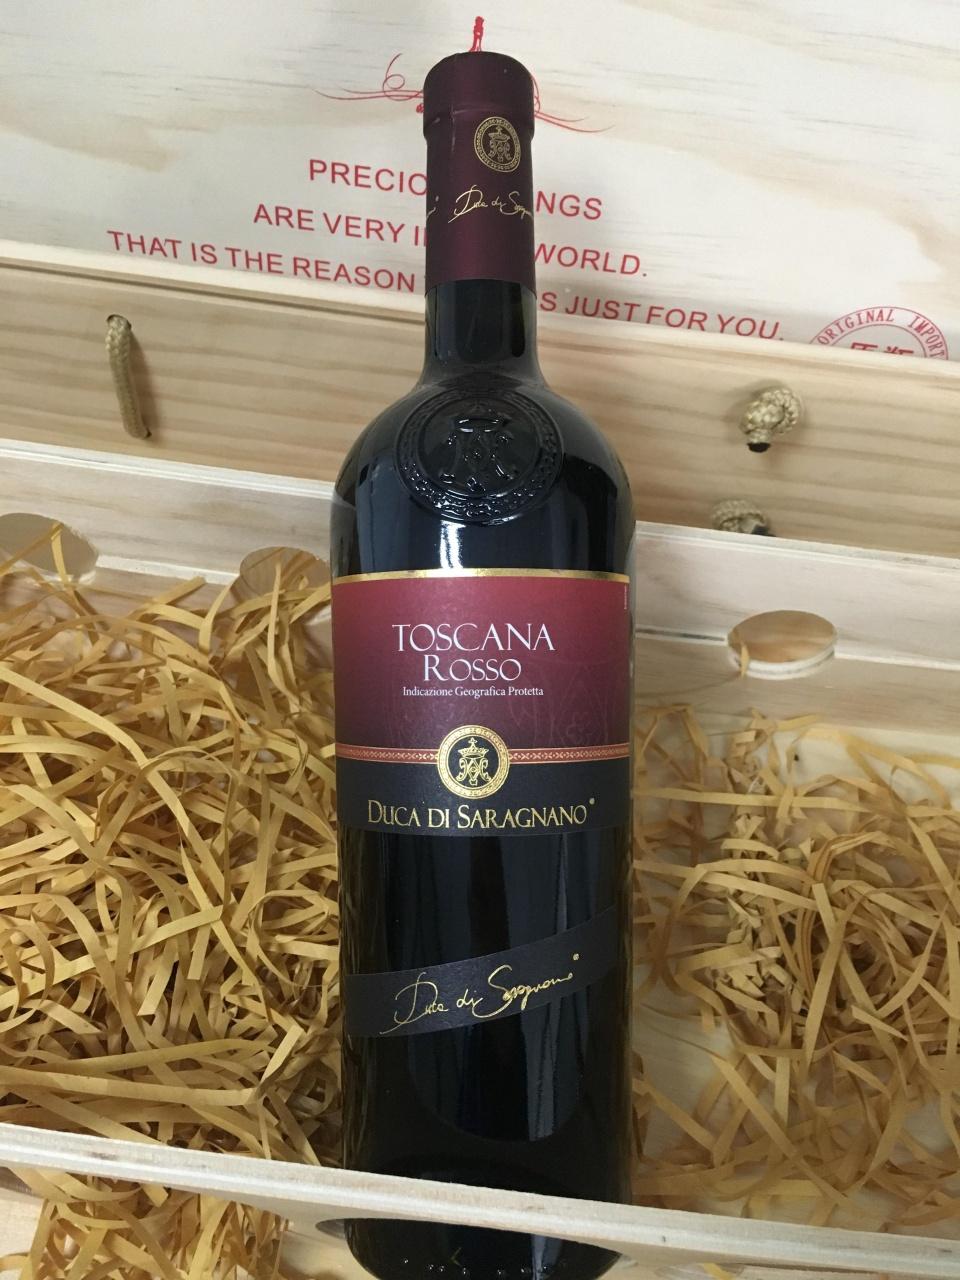 哪些意大利红酒不错,看这里就知道了 意大利巴尔内拉酒庄红葡萄酒